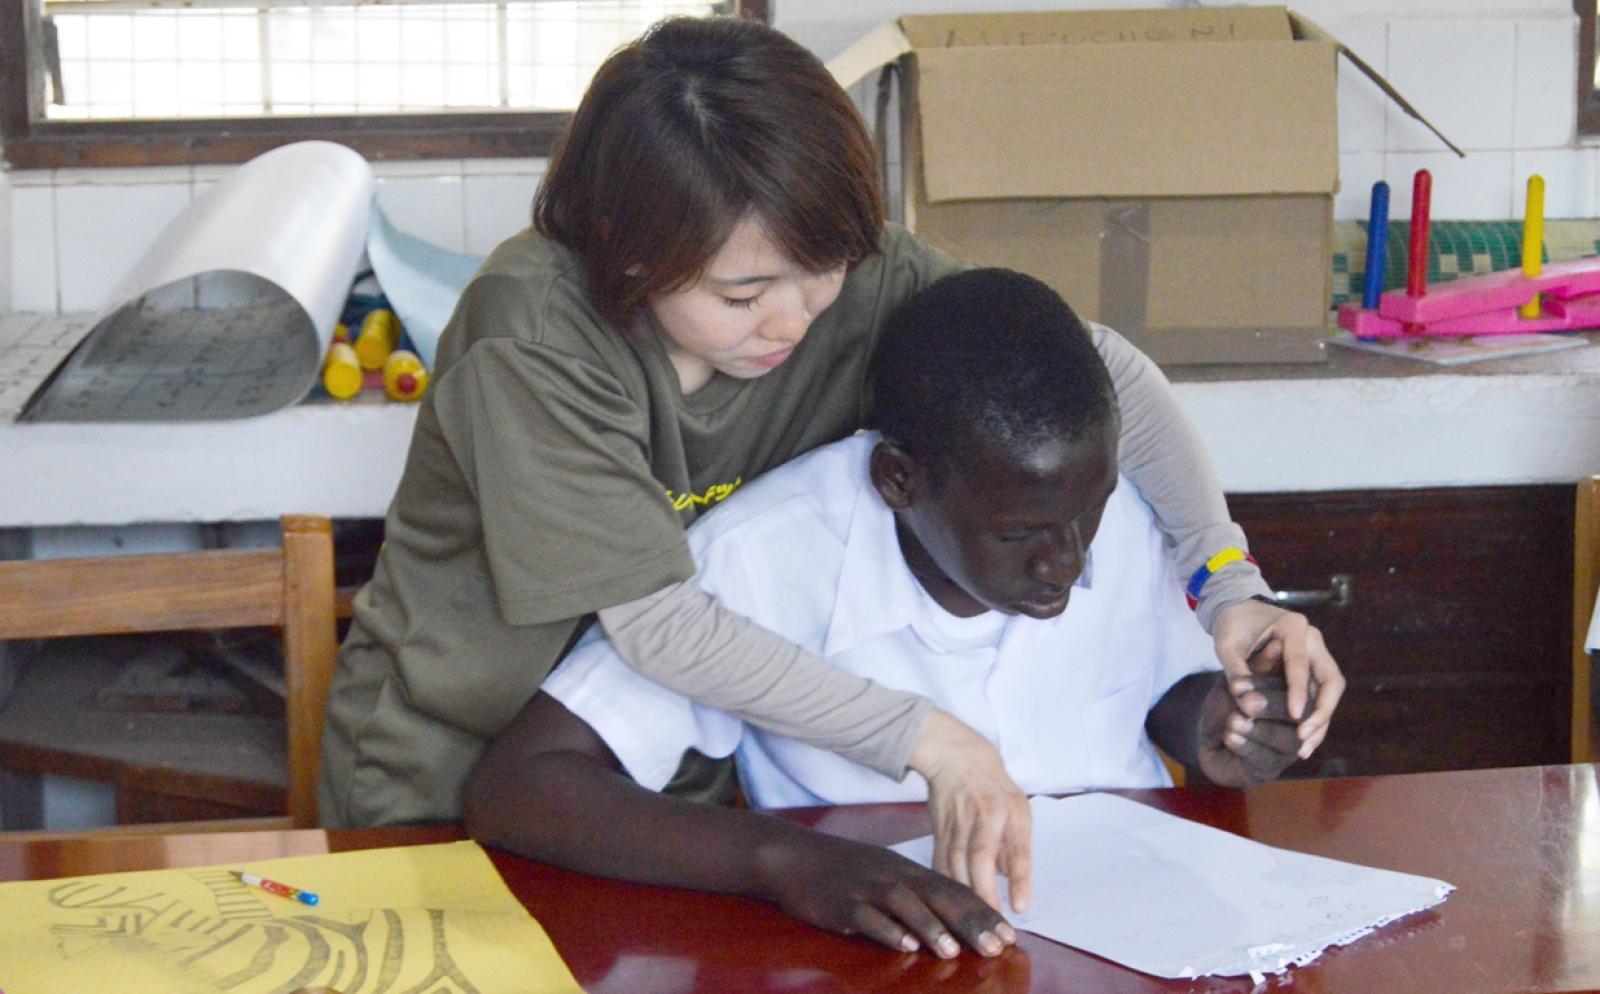 タンザニアで作業療法をサポートする日本人インターン